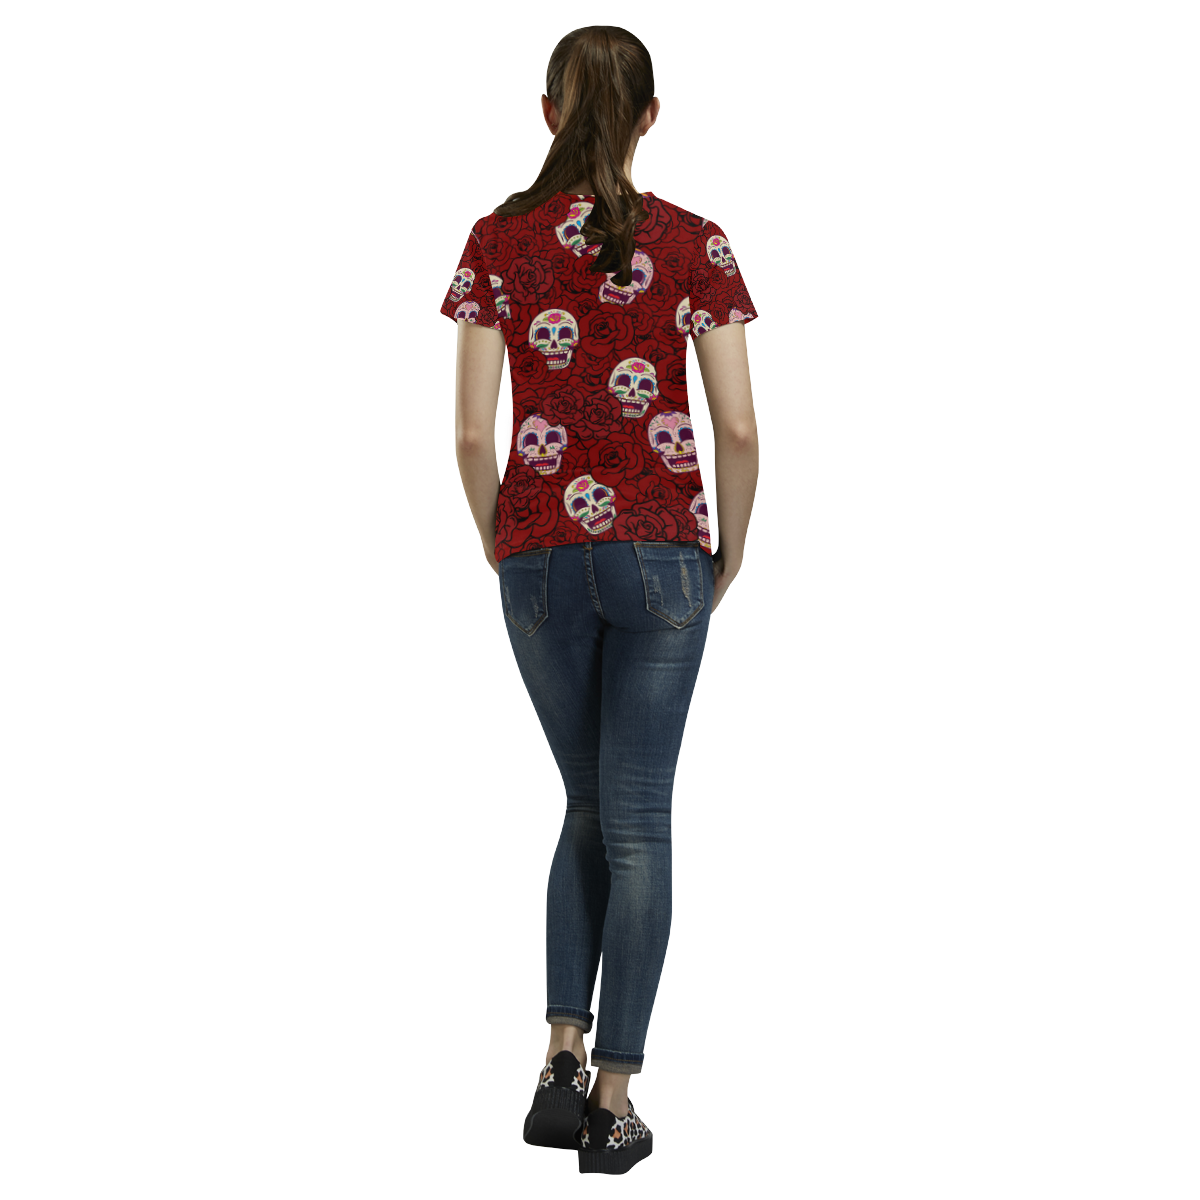 Rose Sugar Skull All Over Print T-Shirt for Women (USA Size) (Model T40)